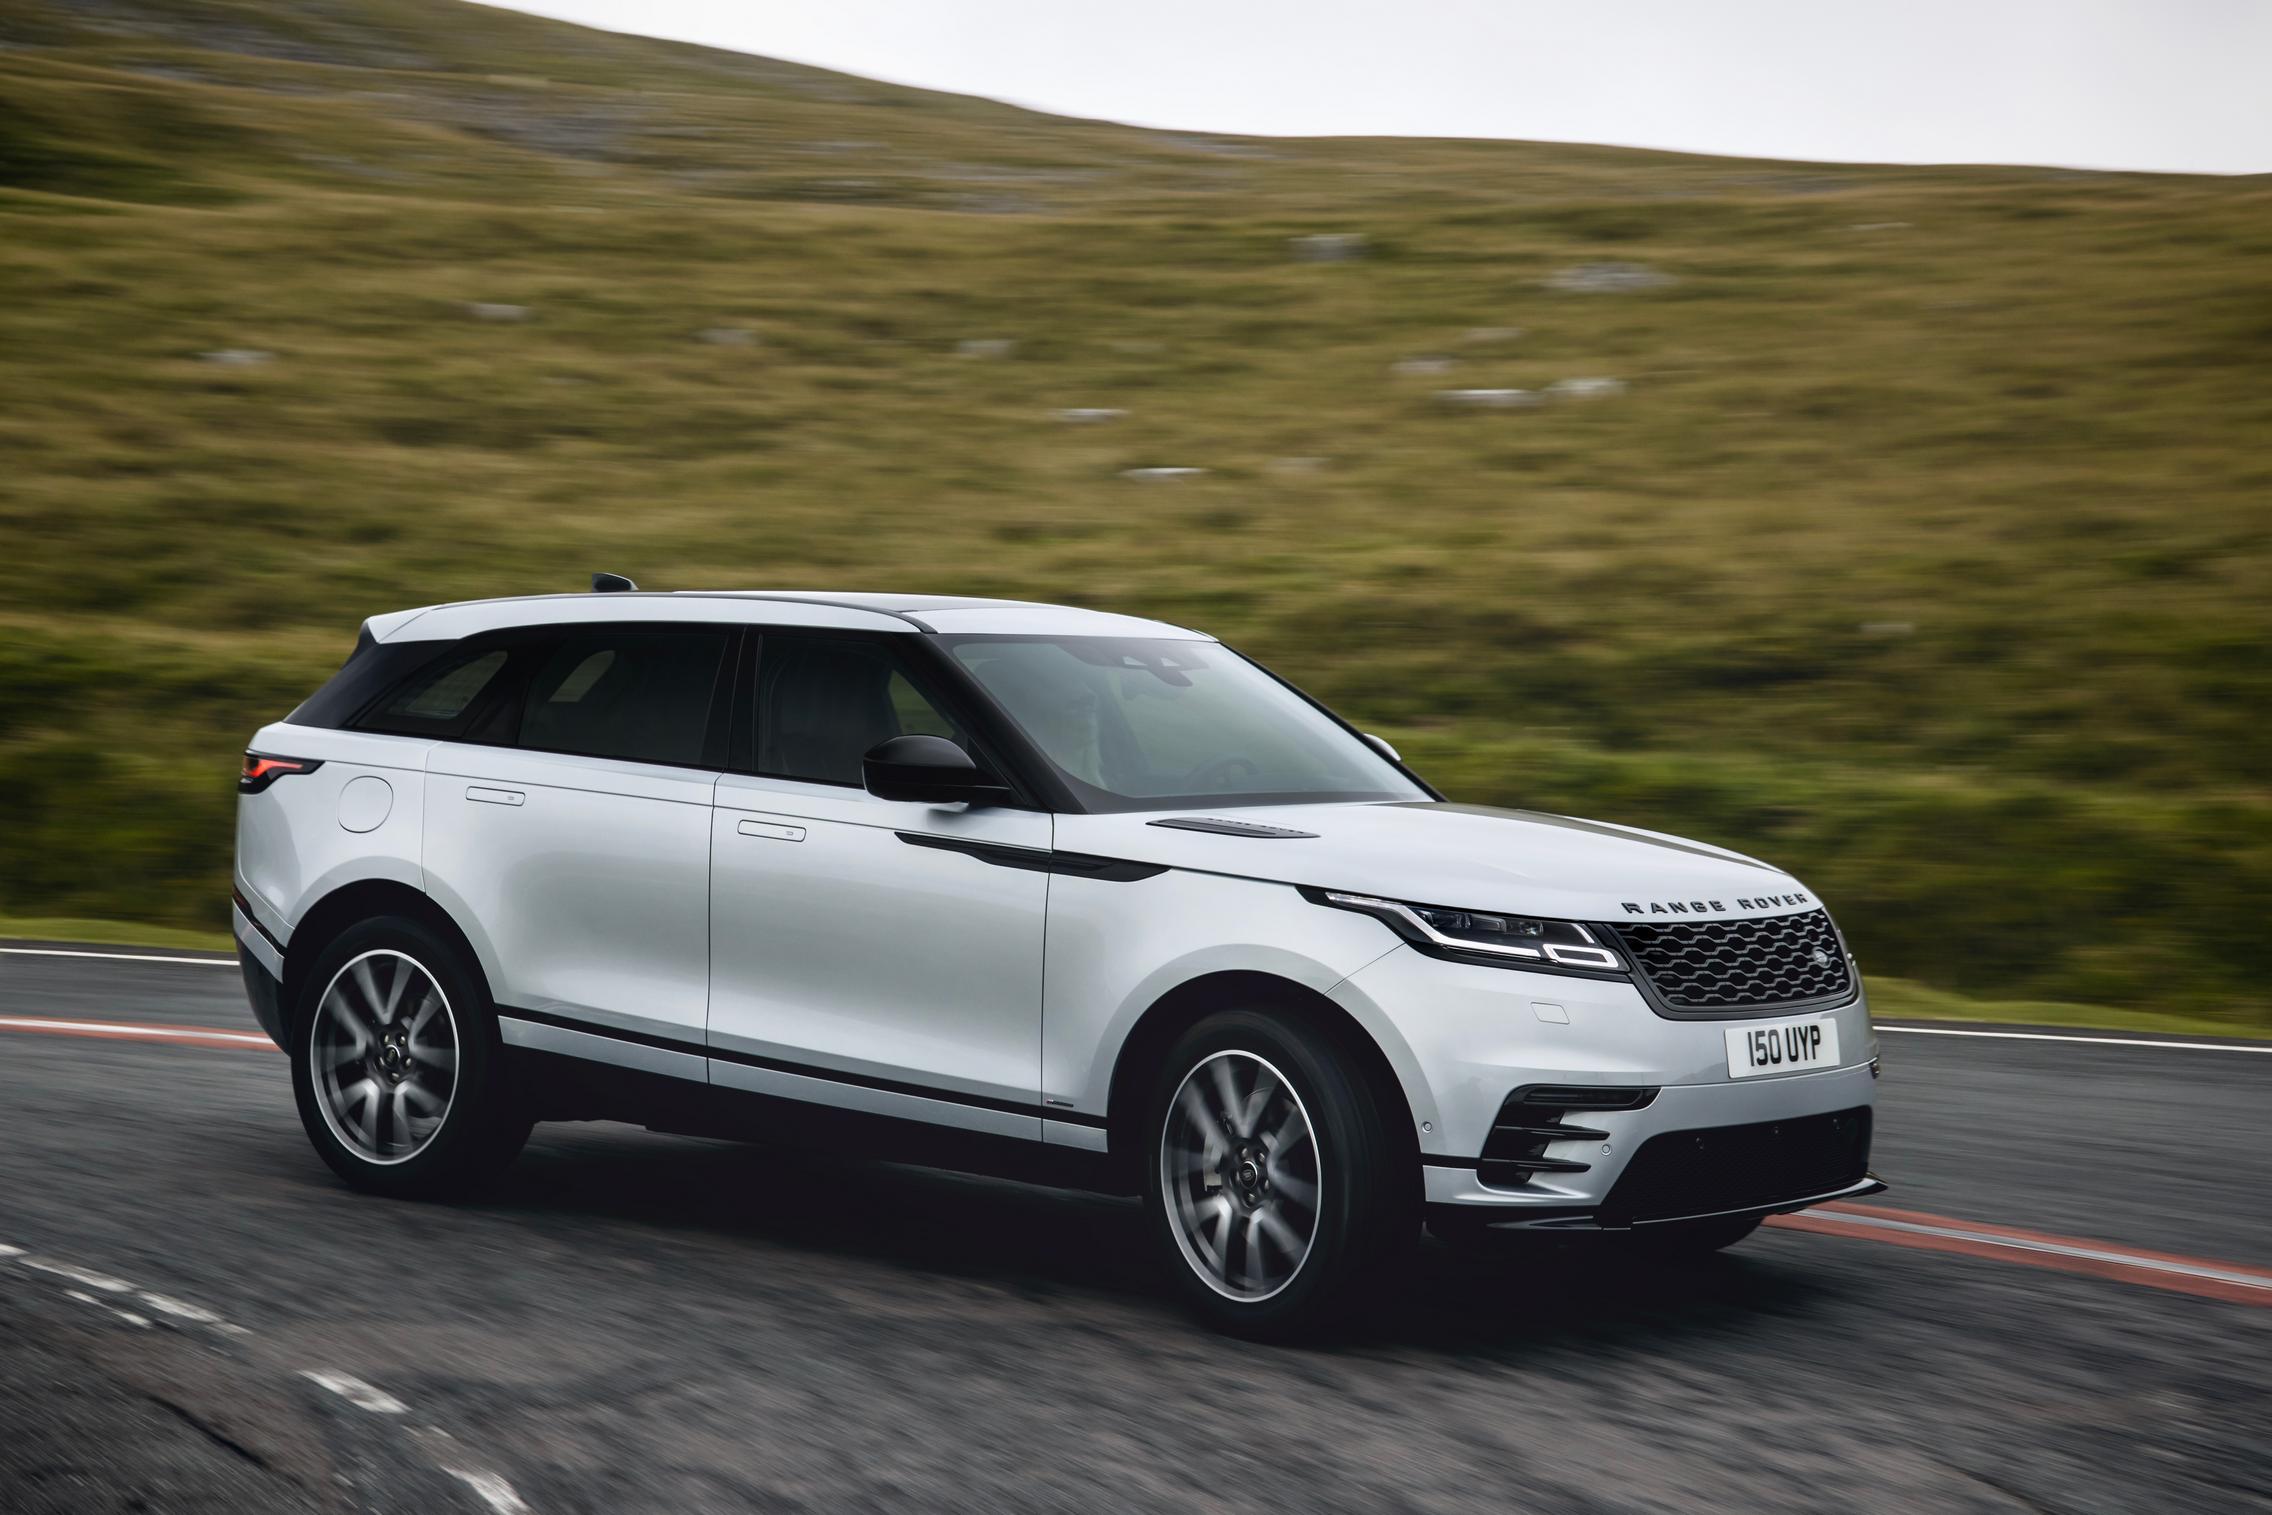 2021 Range Rover Velar Silver